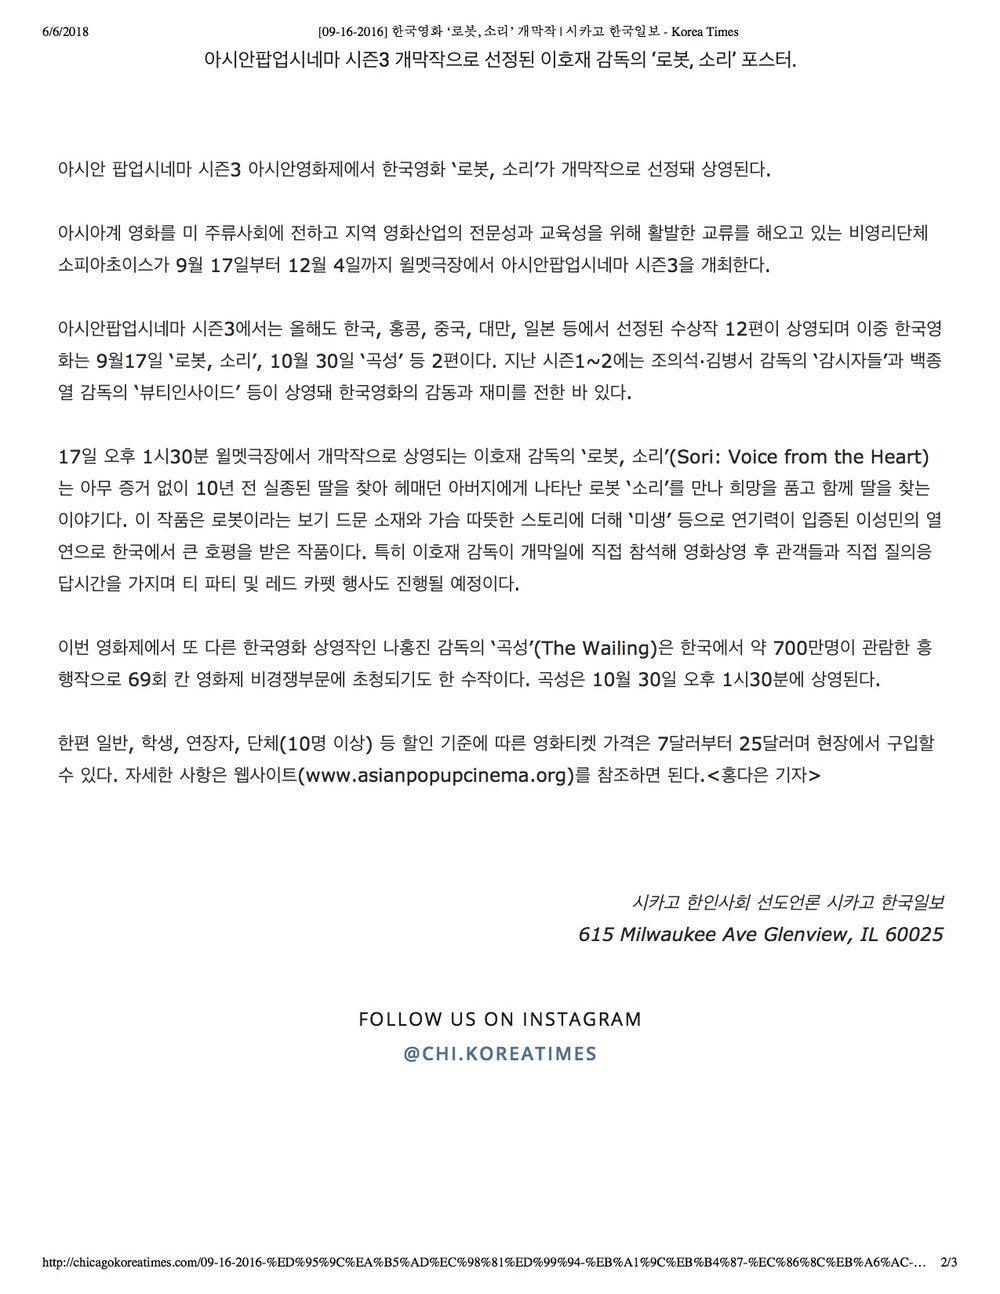 2[09-16-2016] 한국영화 '로봇, 소리' 개막작 _ 시카고 한국일보 - Korea Times.jpg